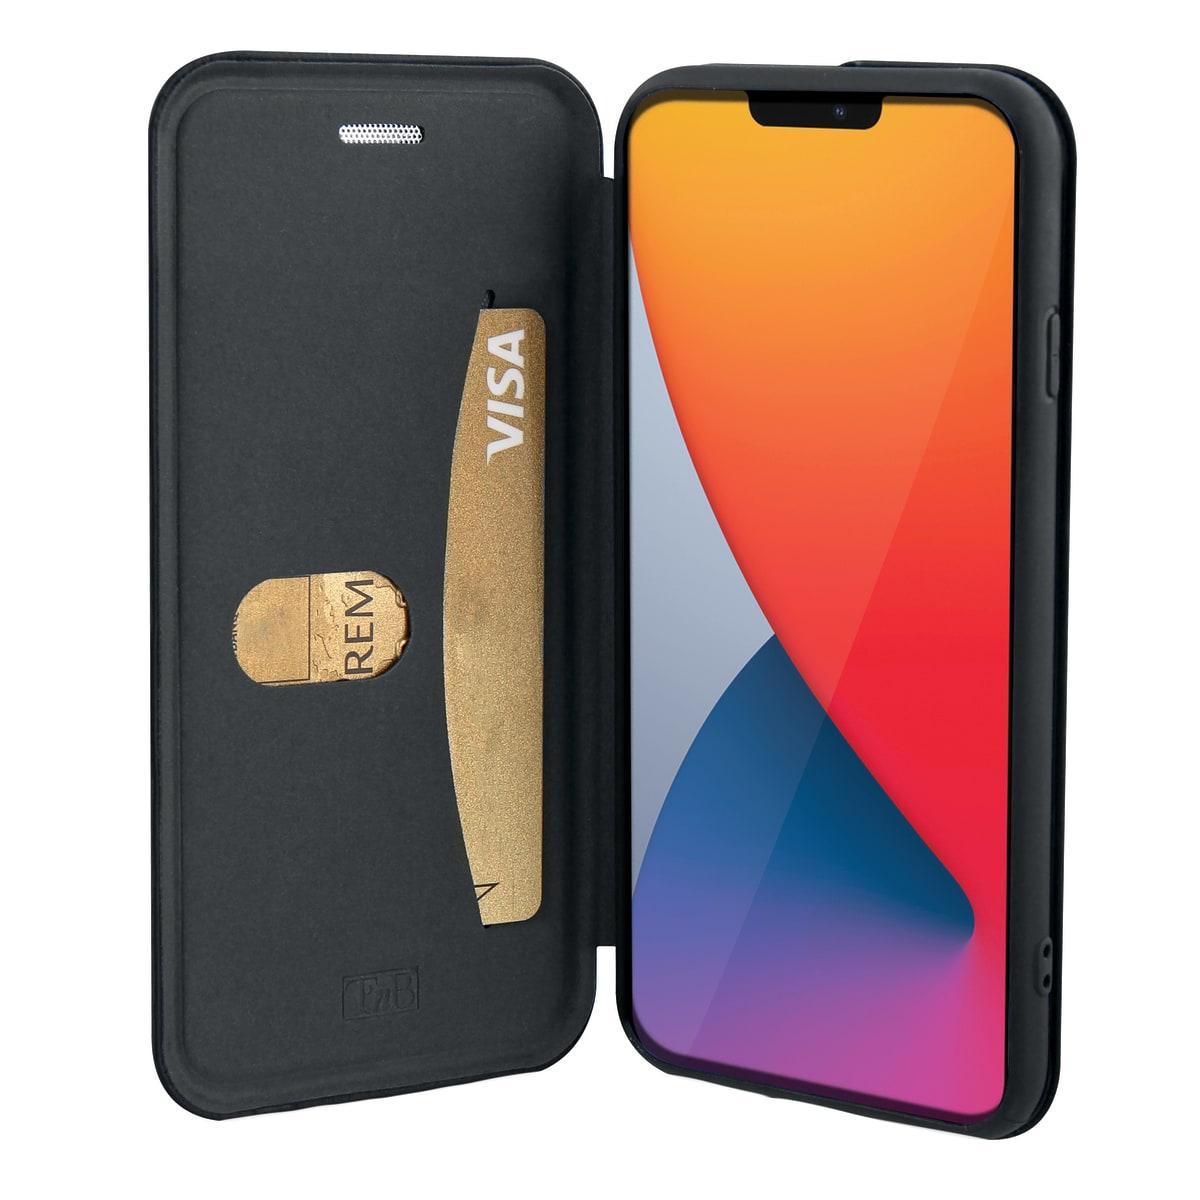 Premium folio case for iPhone 12 Mini